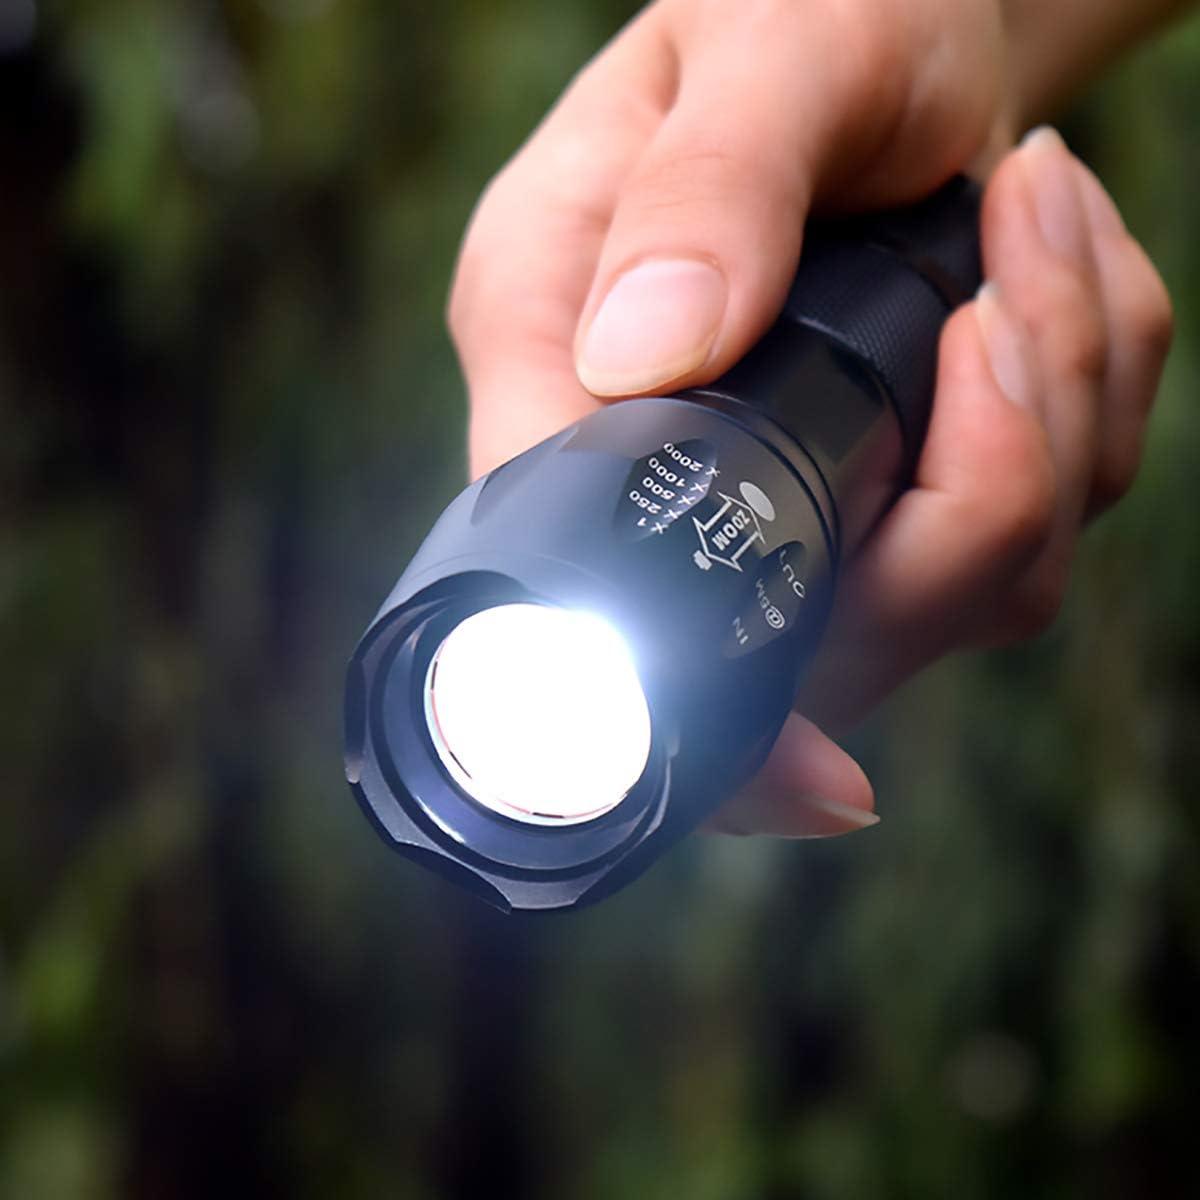 Lampe de Poche LED Torche Militaire Poche LED Ultra Puissante tactique Zoomable Etanche 800LM pour Camping Randonn/ée